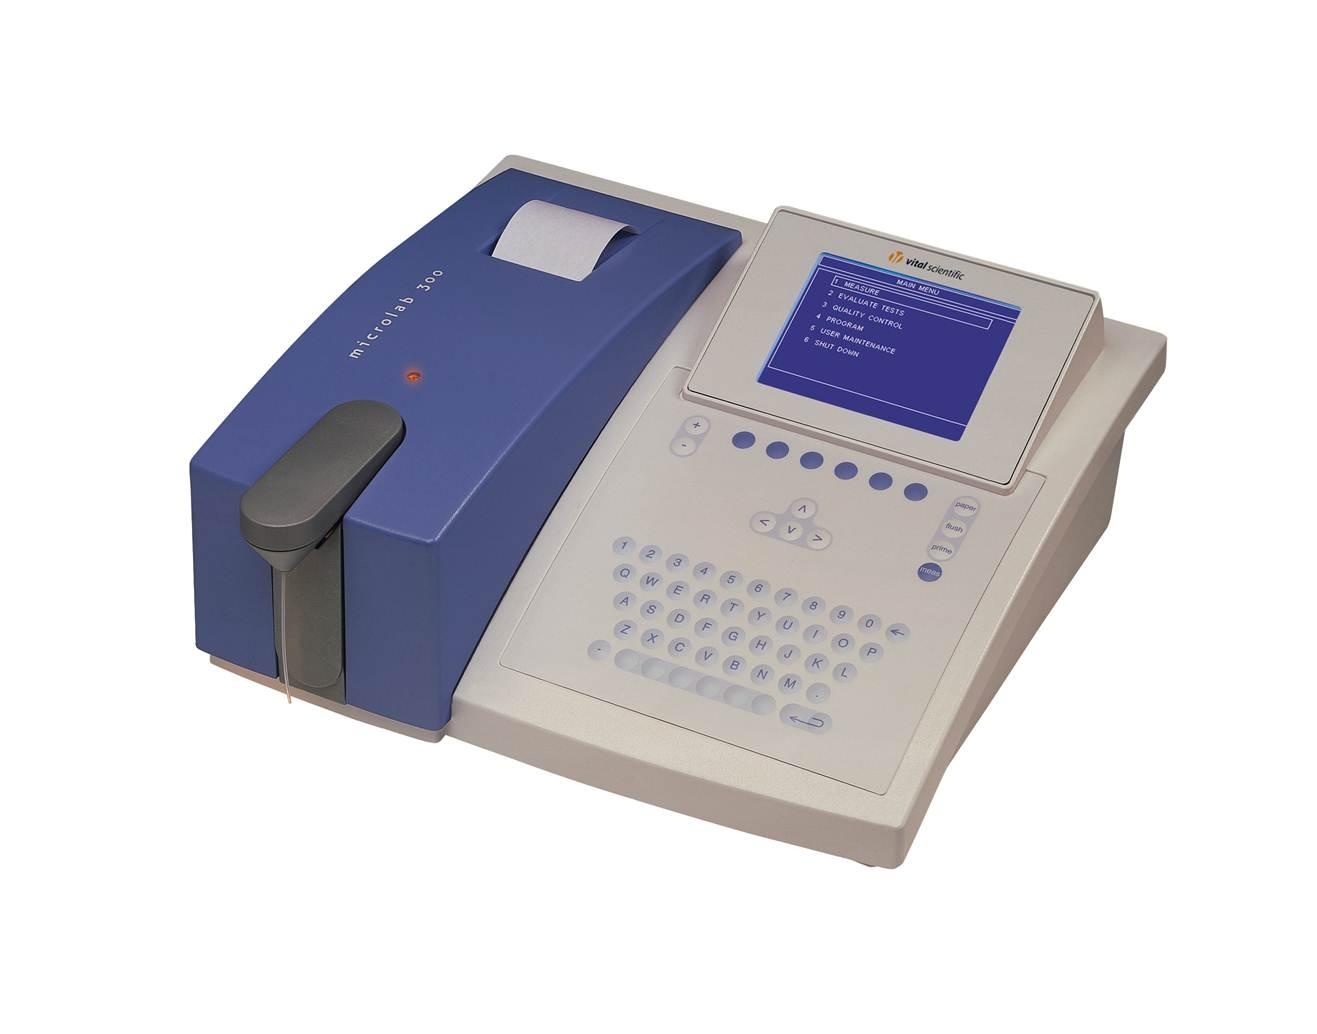 Máy xét nghiệm sinh hóa bán tự động Elitech Microlab 300